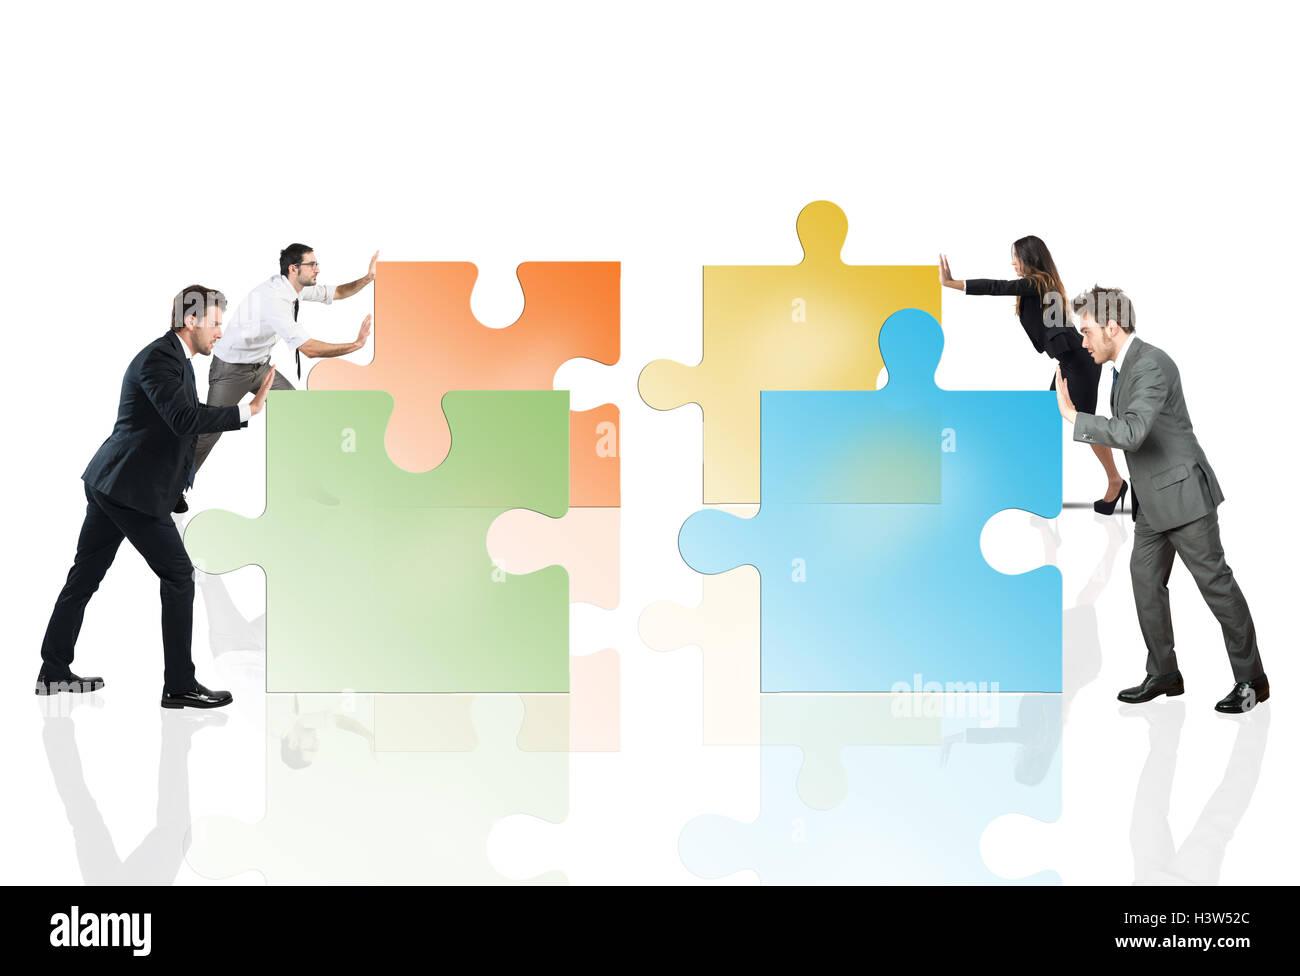 Concepto de trabajo en equipo y colaboración con los empresarios y rompecabezas. Foto de stock